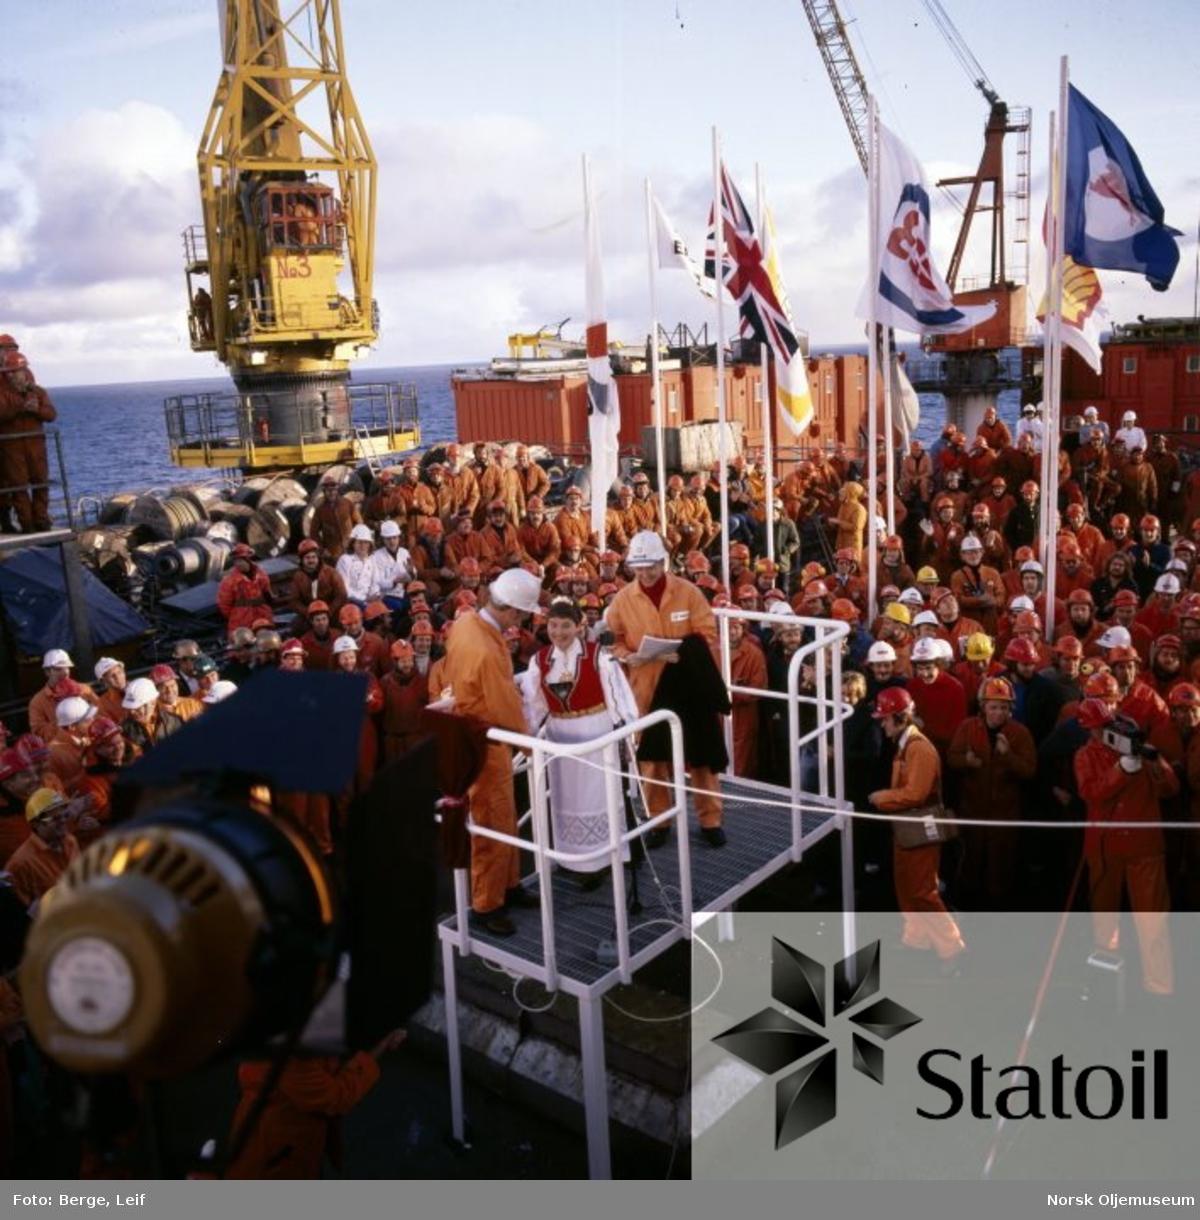 Statfjord A er nettopp døpt av Oddbjørg Kloster, og gratuleres her av statsminister Odvar Nordli.  Statoildirektør Arve Johnsen står t.h. mens en rekke ansatte og andre innbudte gjester fyller dekket.